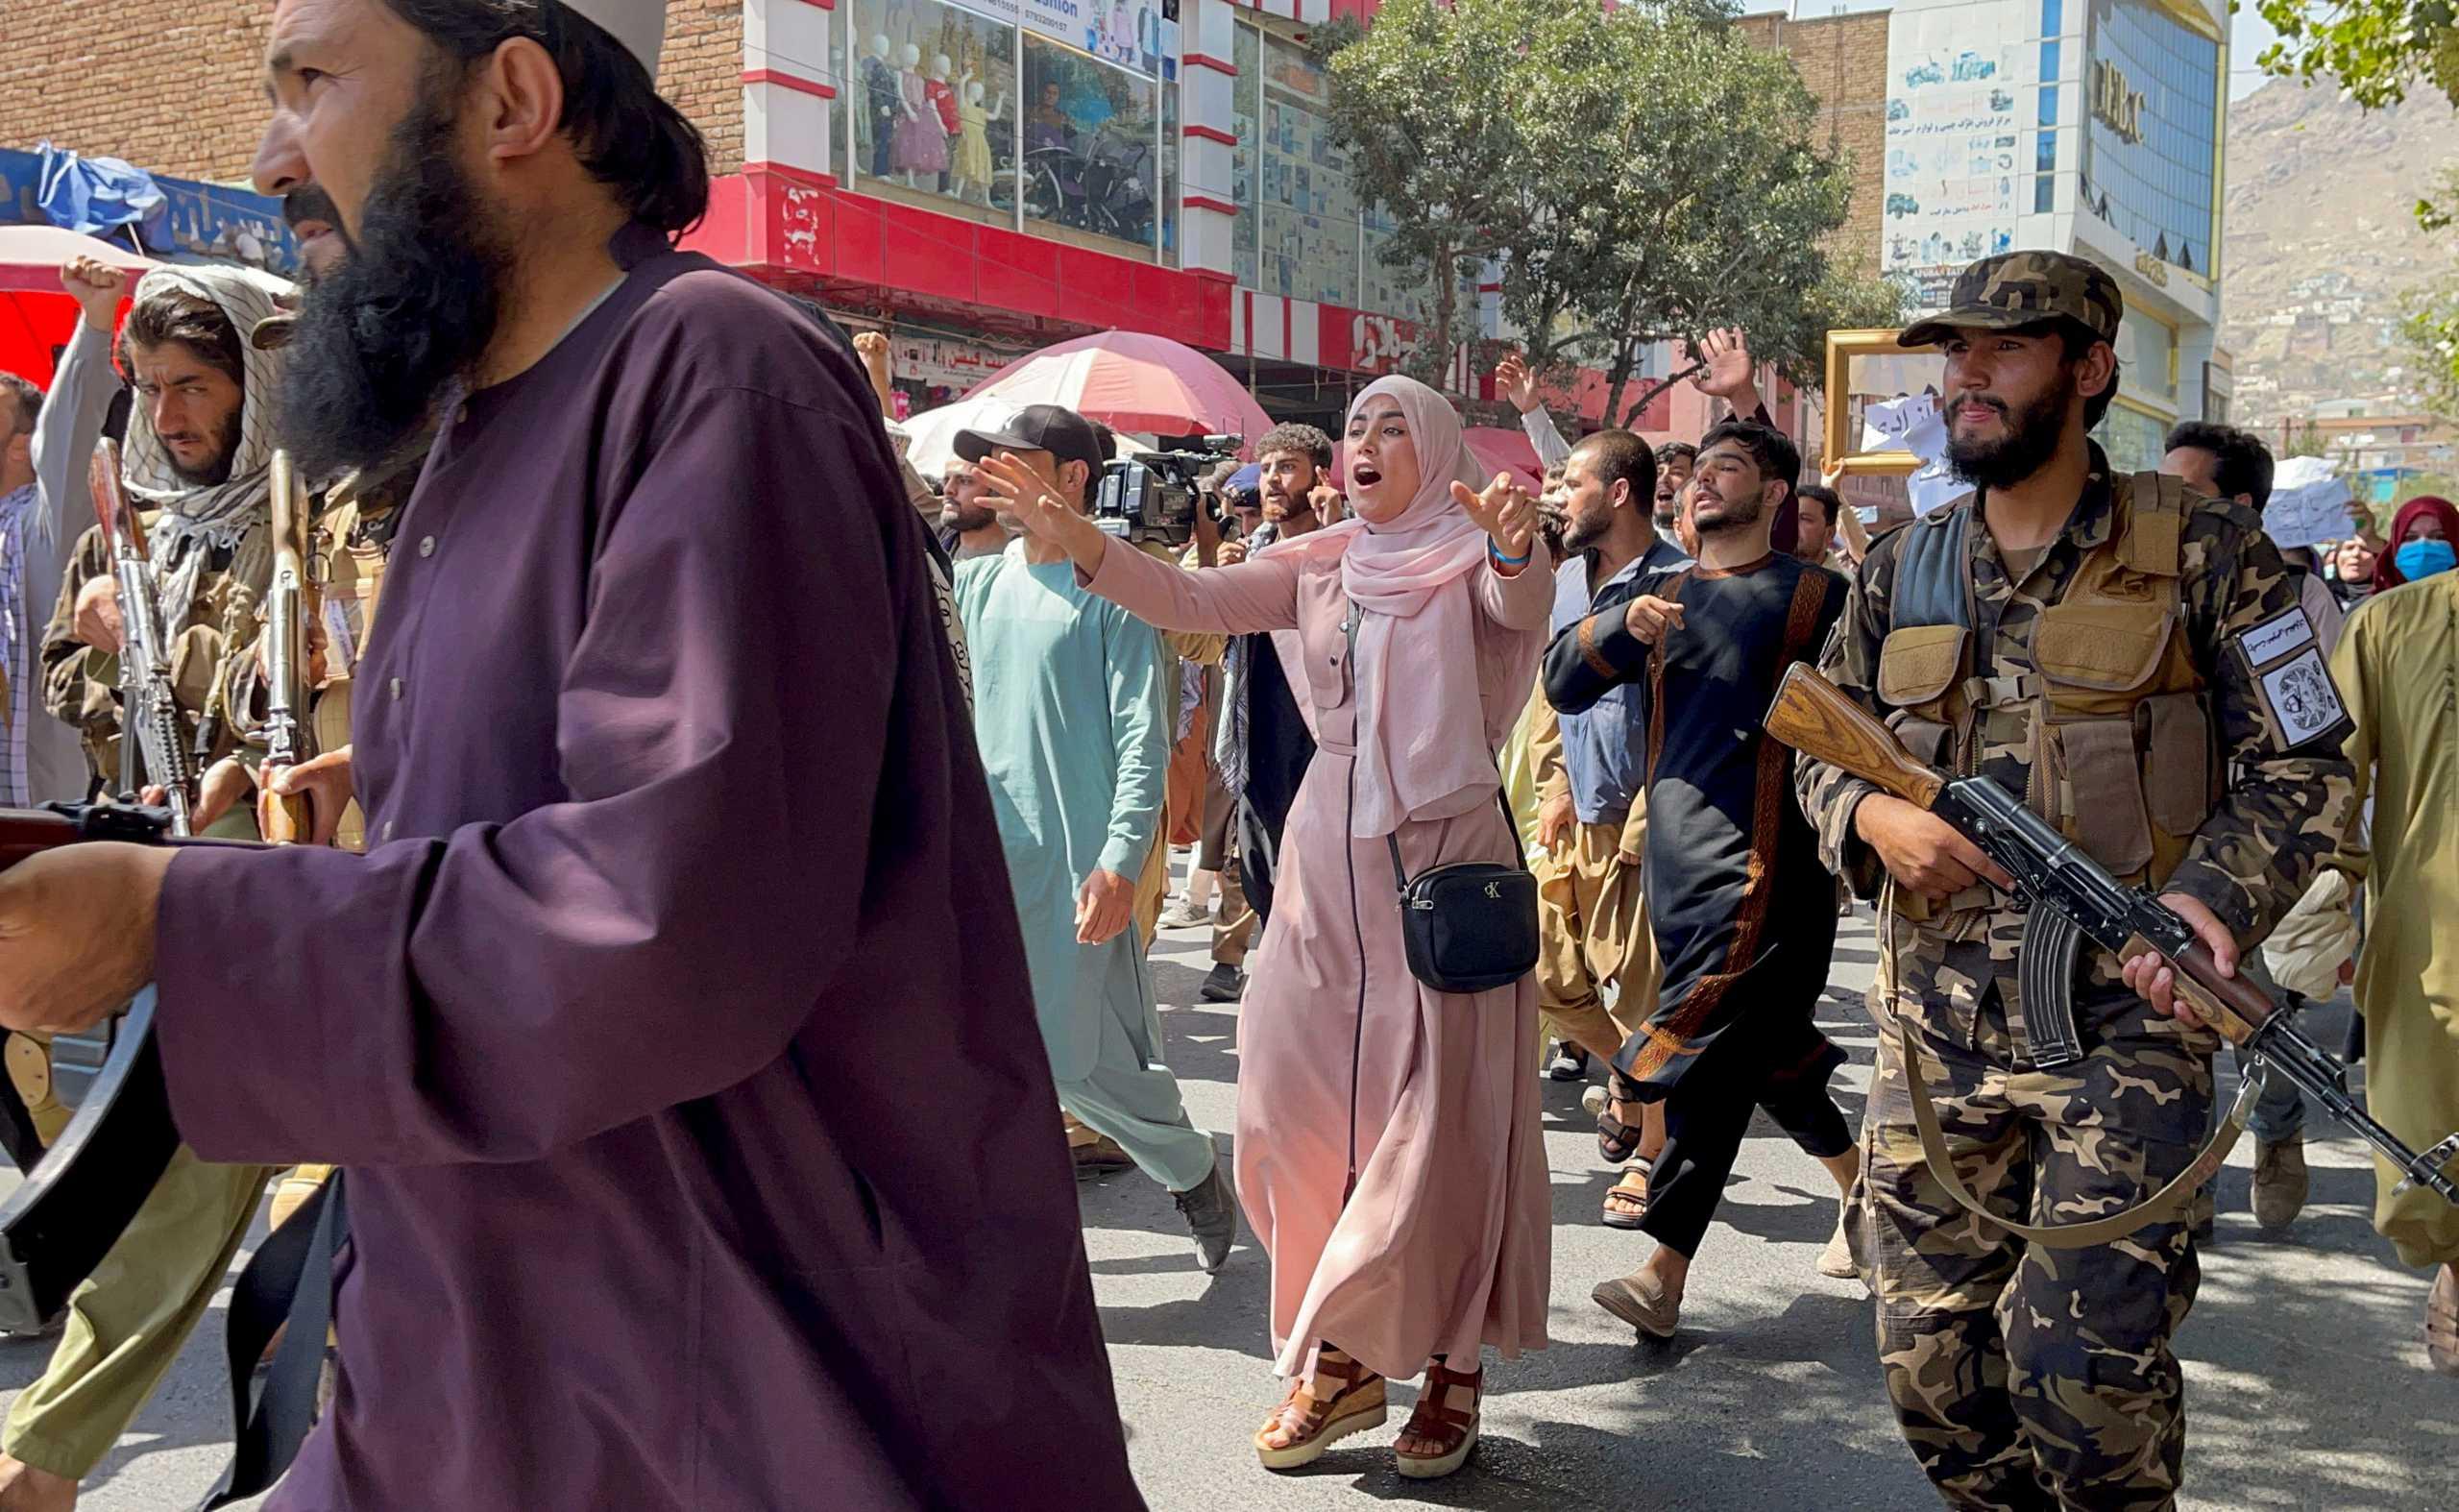 Αφγανιστάν: Δύο νεκροί και 8 τραυματίες από πυρά σε διαδήλωση